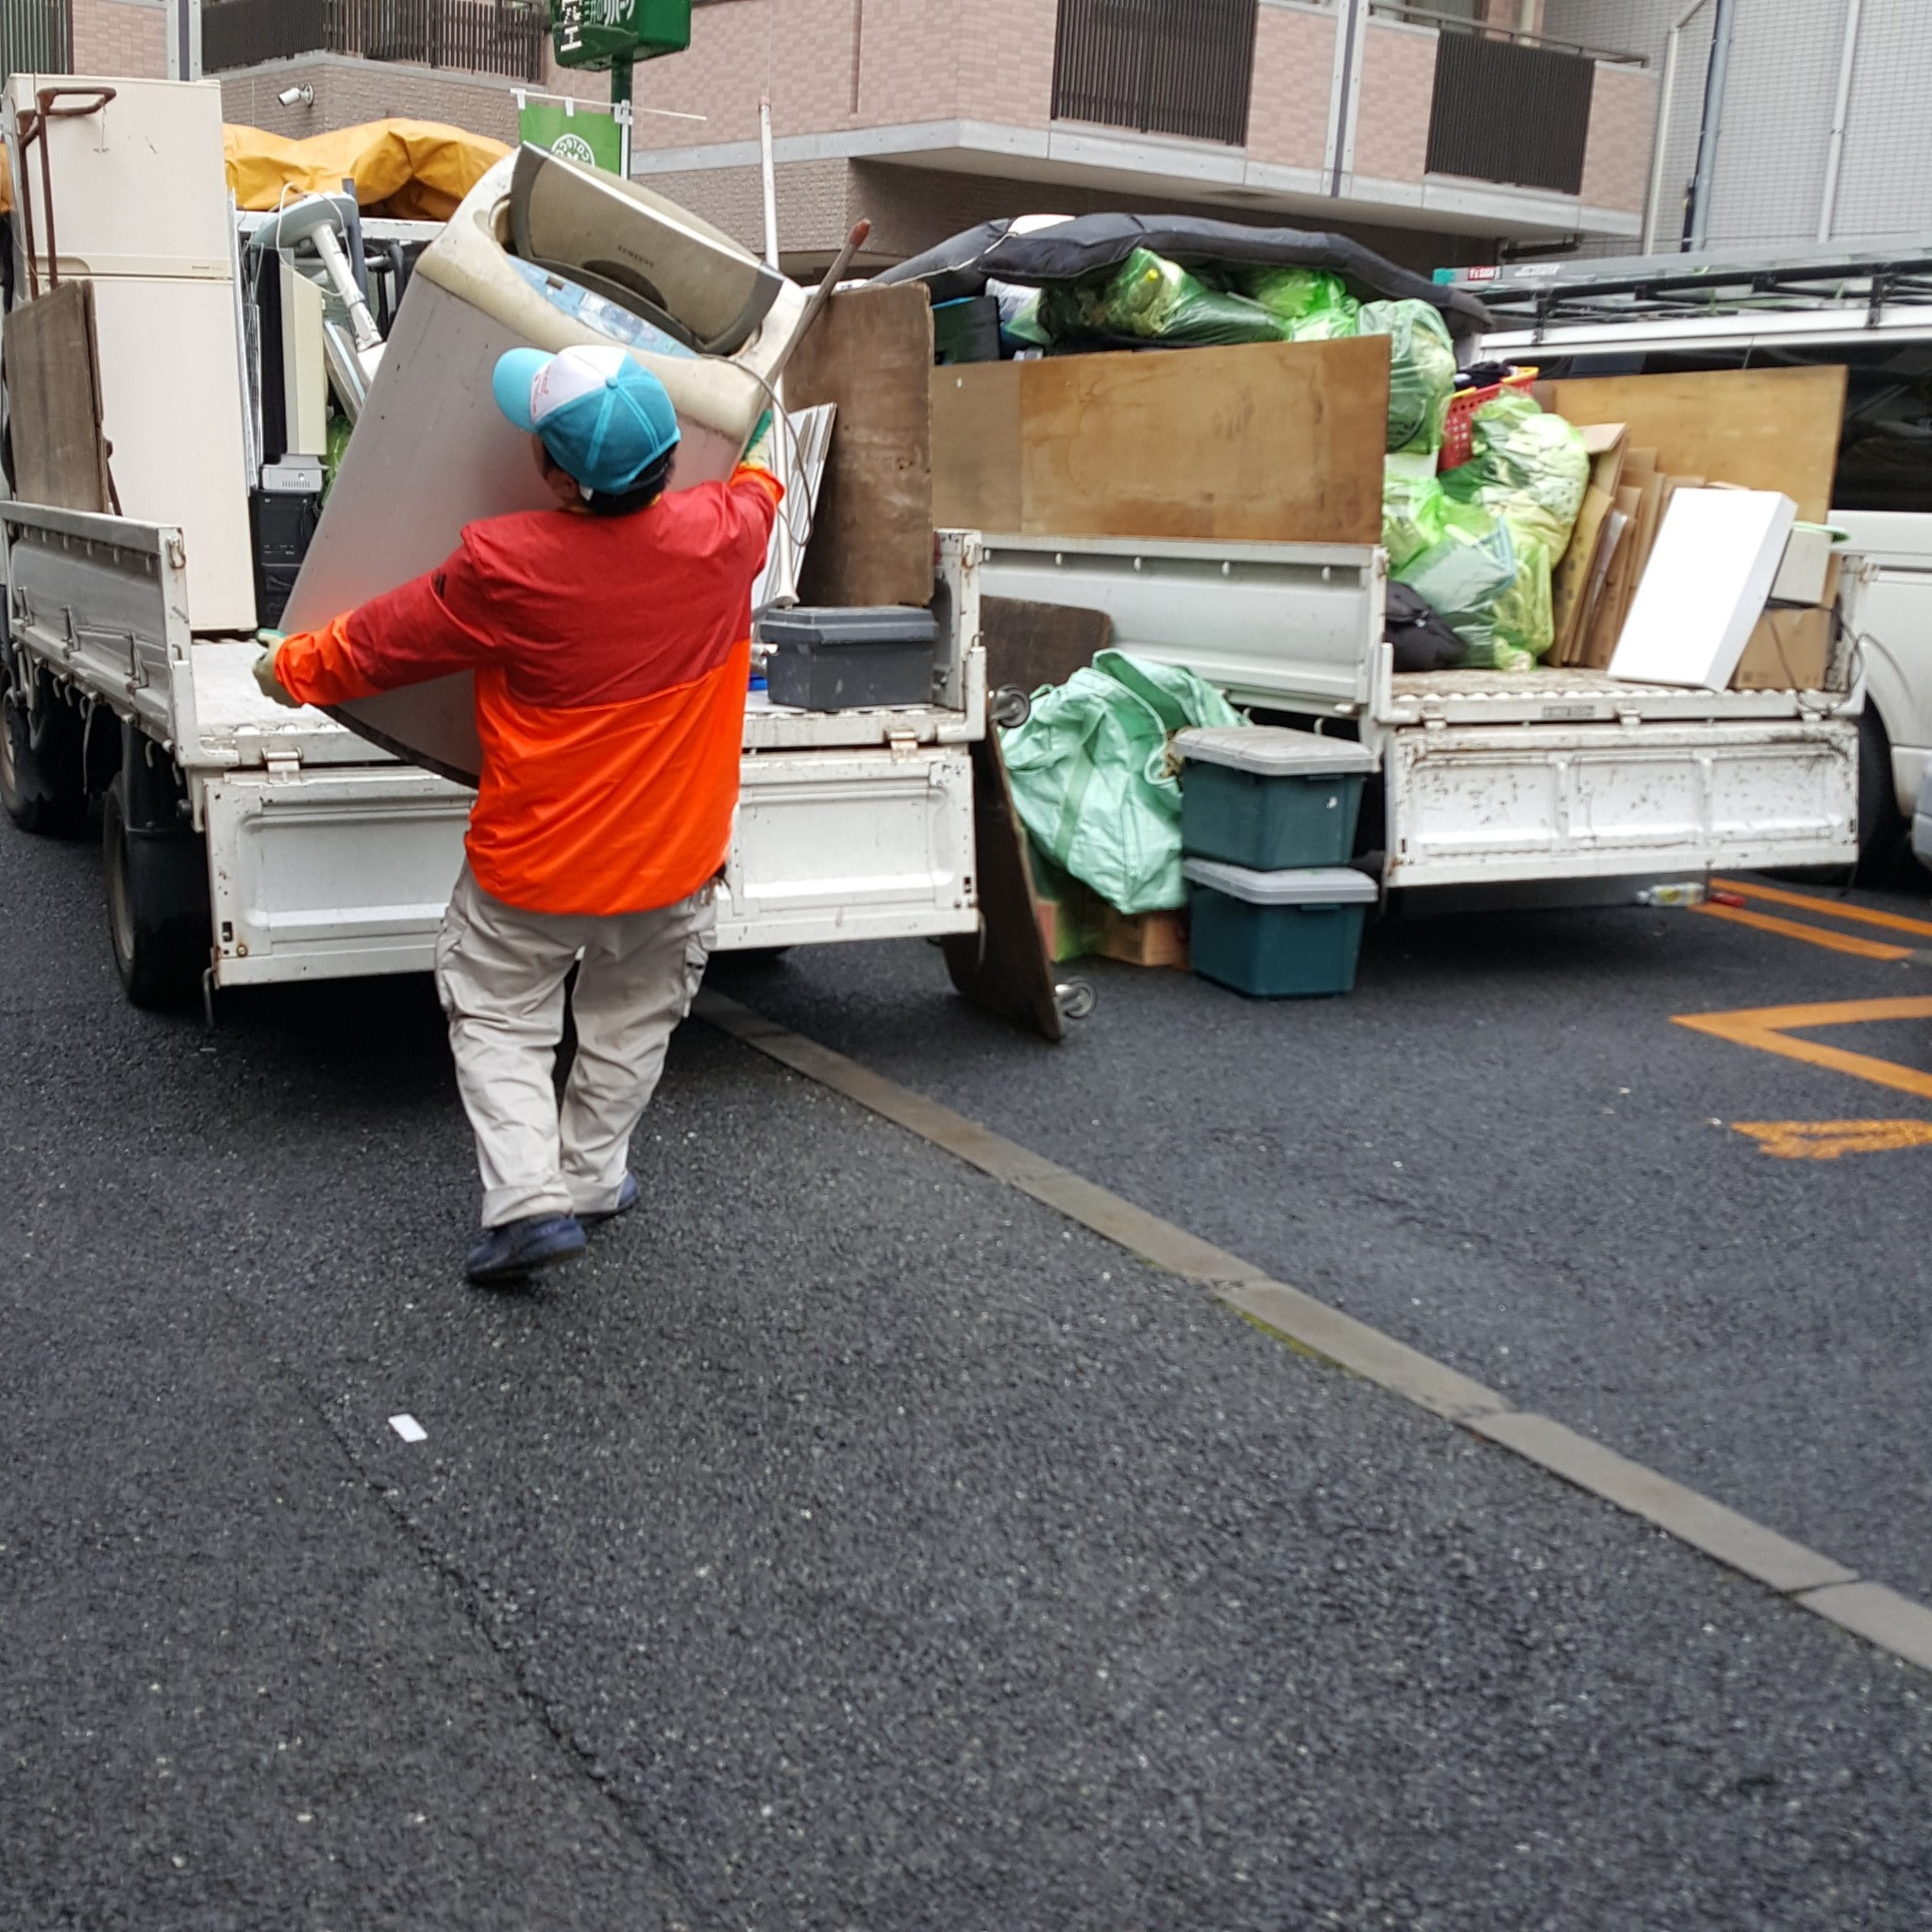 横浜市泉区 アパート2DK全ての残置物(洗濯機、冷蔵庫、衣類などその他)回収